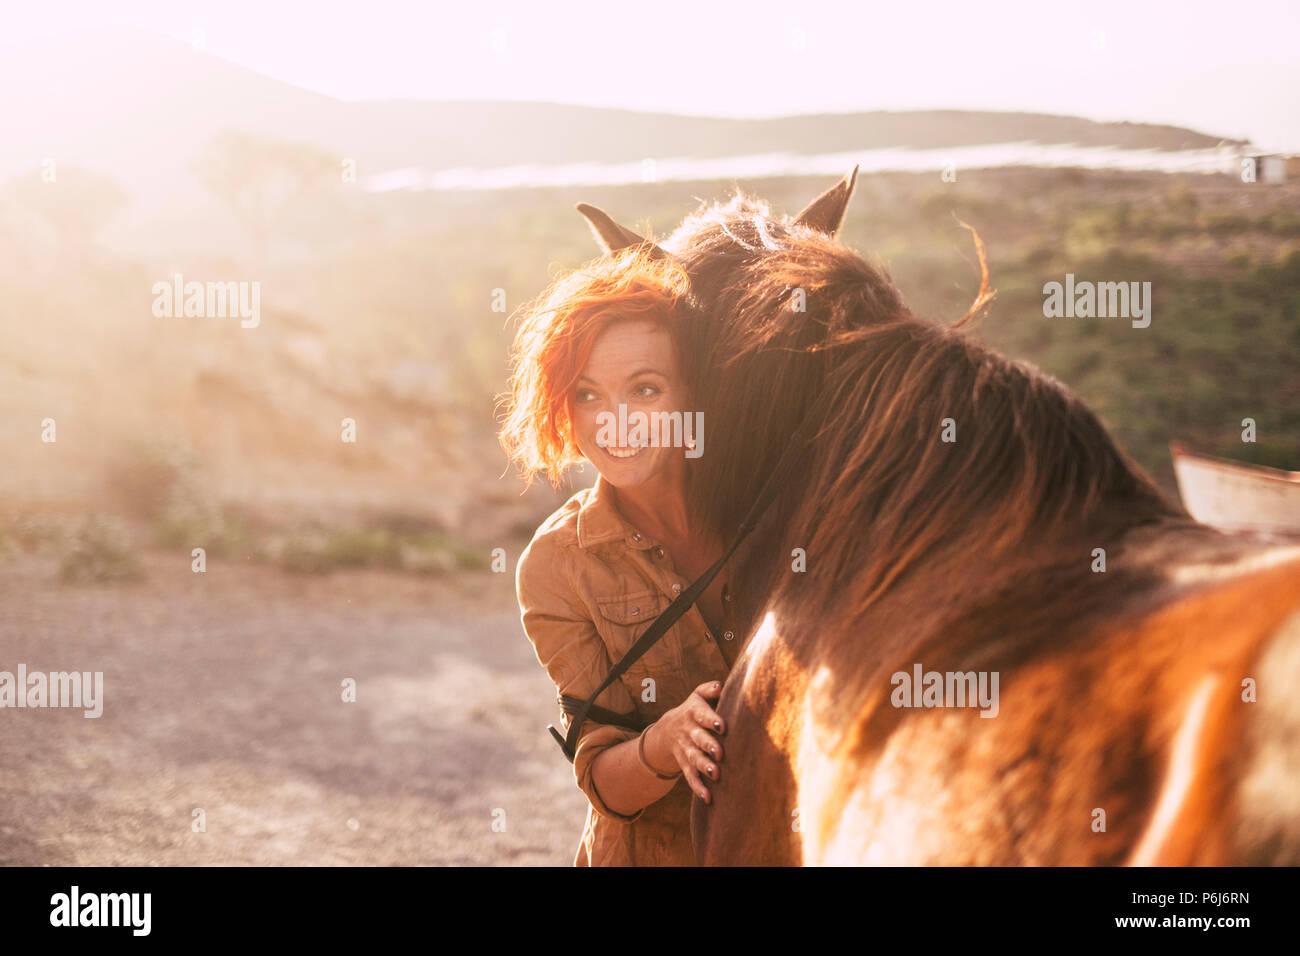 Cheveux rouge belle dame alternative hug ses meilleurs amis animal cheval au coucher du soleil dans la campagne. rétro-éclairage en arrière-plan et de l'amour, concept Photo Stock